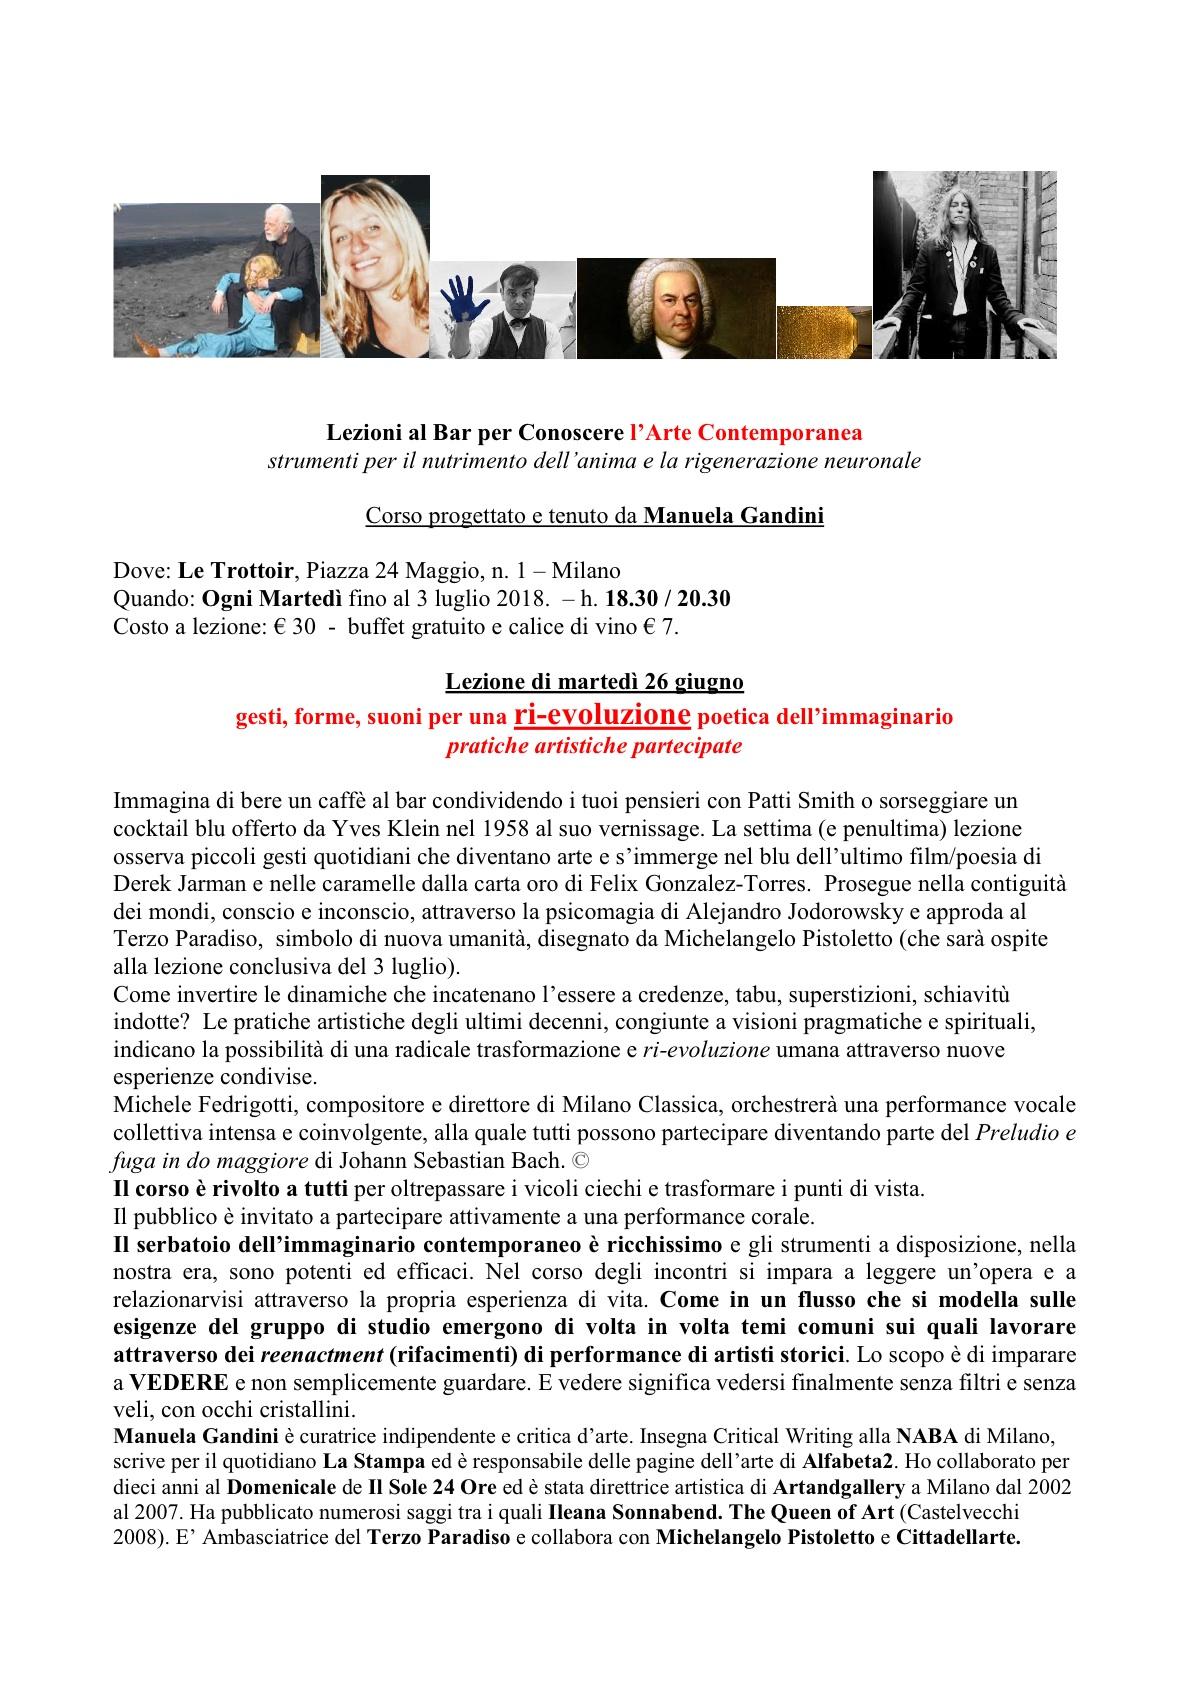 """... Wohltemperierteklavier di J.S. Bach ad un incontro tenuto presso Le  Trottoir a Milano da Manuela Gandini, all interno di una serie di  """"incontri-lezione"""" ... 7953786309"""